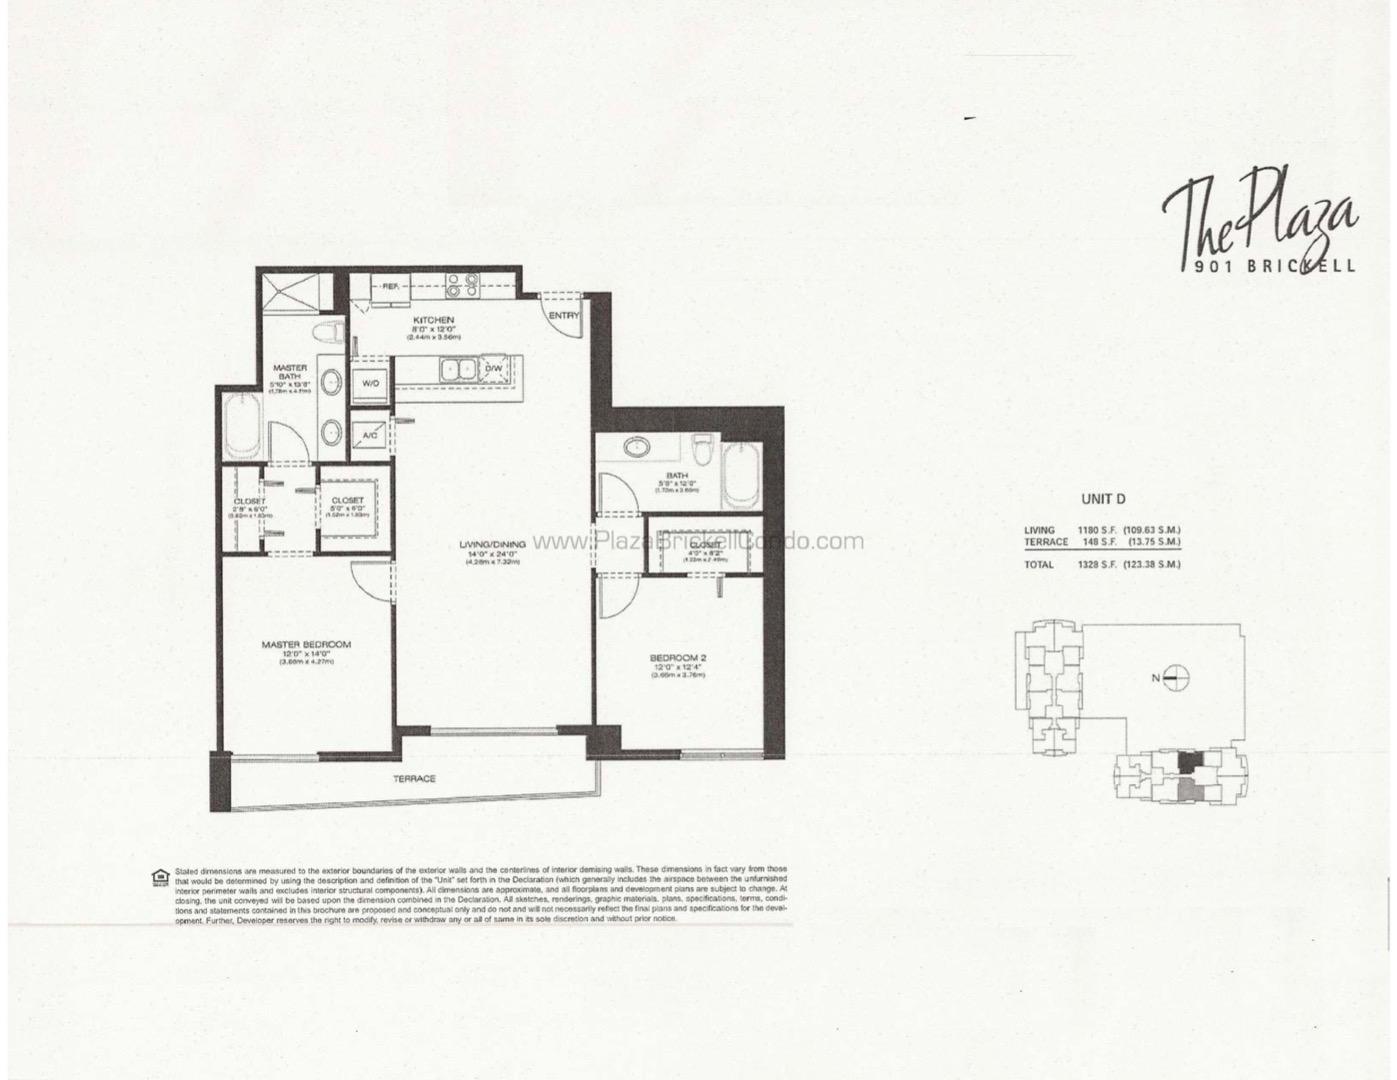 Floor plan image D - 2/2  - 1180 sqft image